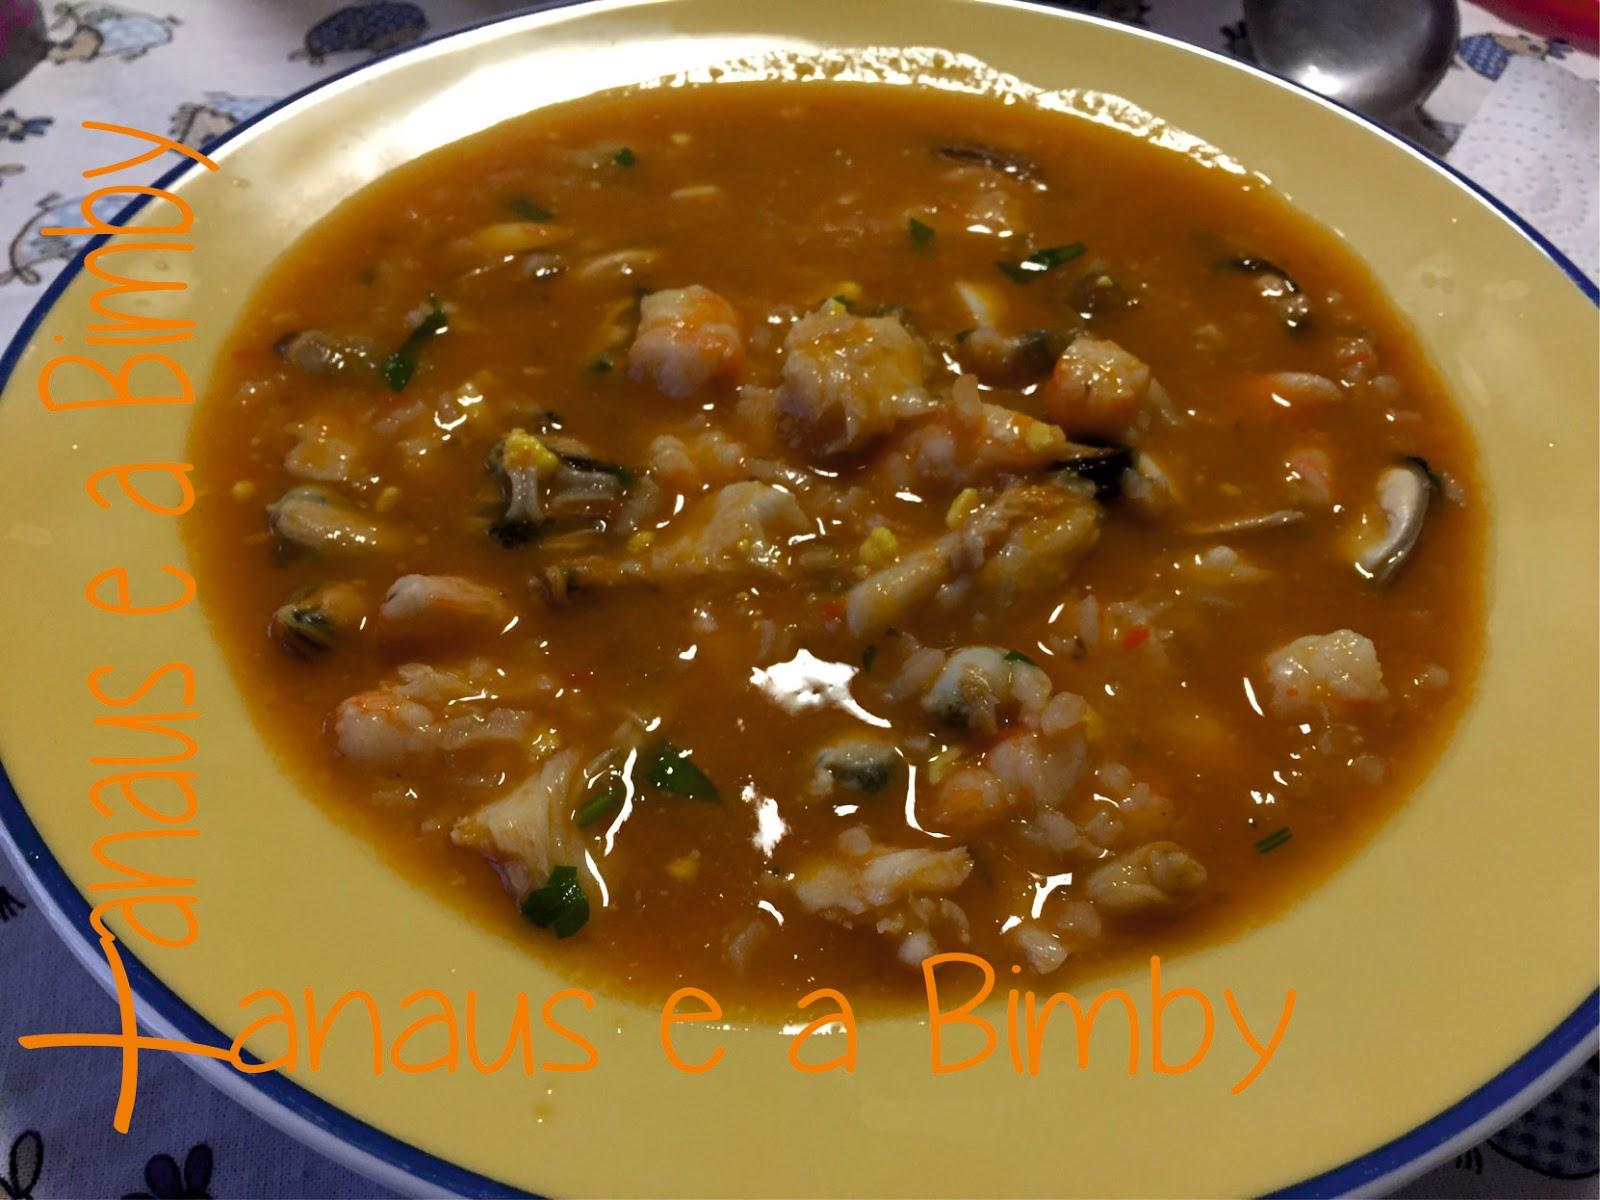 Sopa de Peixe versão Paleo na Bimby